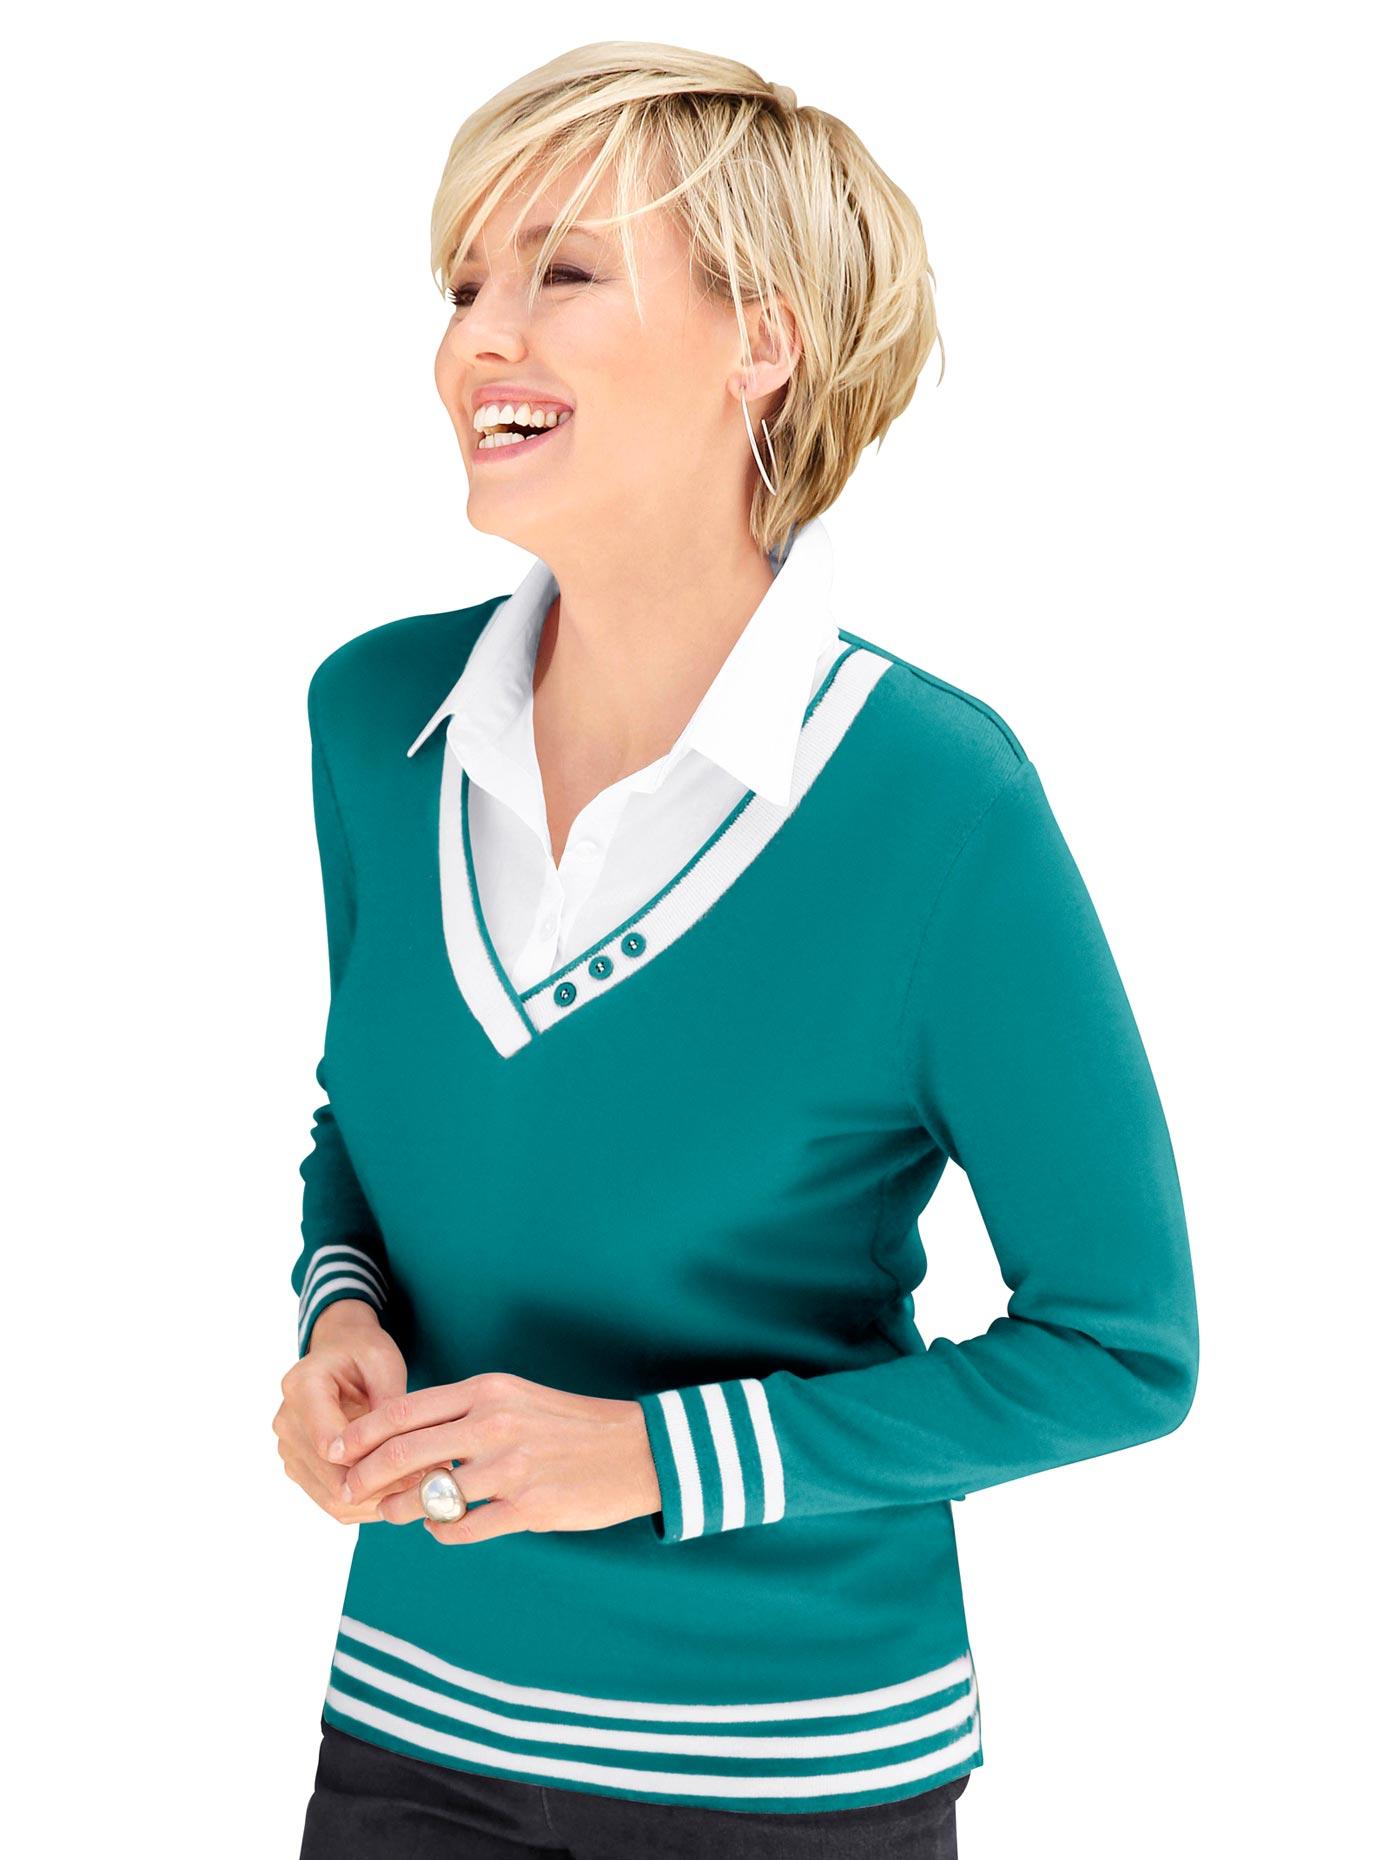 Casual Looks 2-in-1-Pullover mit Zierknöpfen am V-Ausschnitt   Bekleidung > Pullover > 2-in-1 Pullover   Blau   Casual Looks